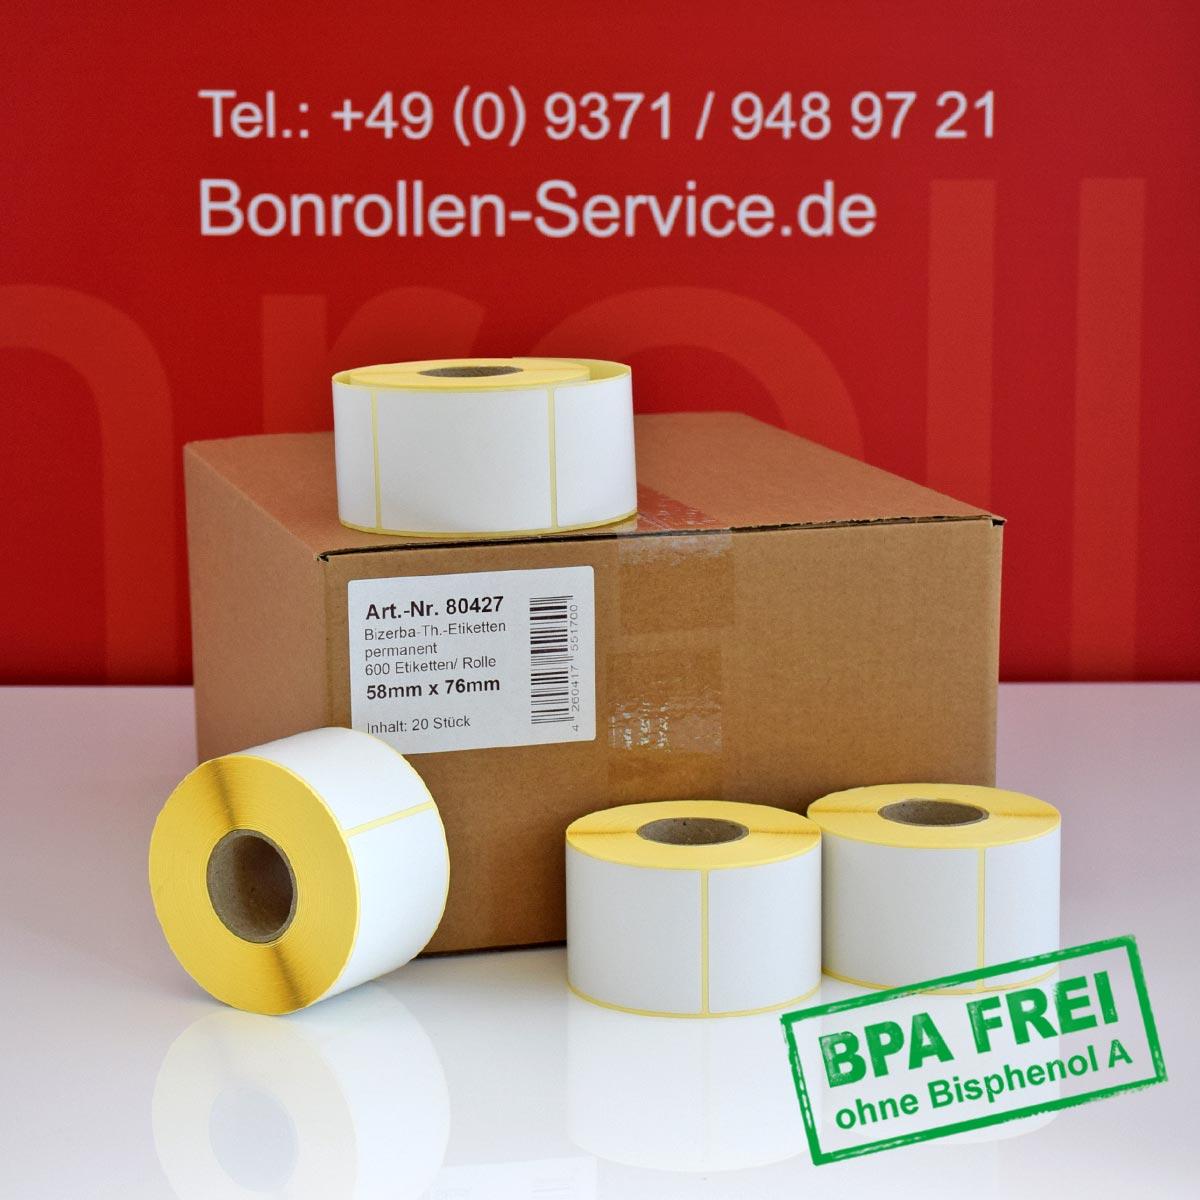 Thermo-Etikettenrollen ohne BPA, 58 x 76 für Bizerba, permanent